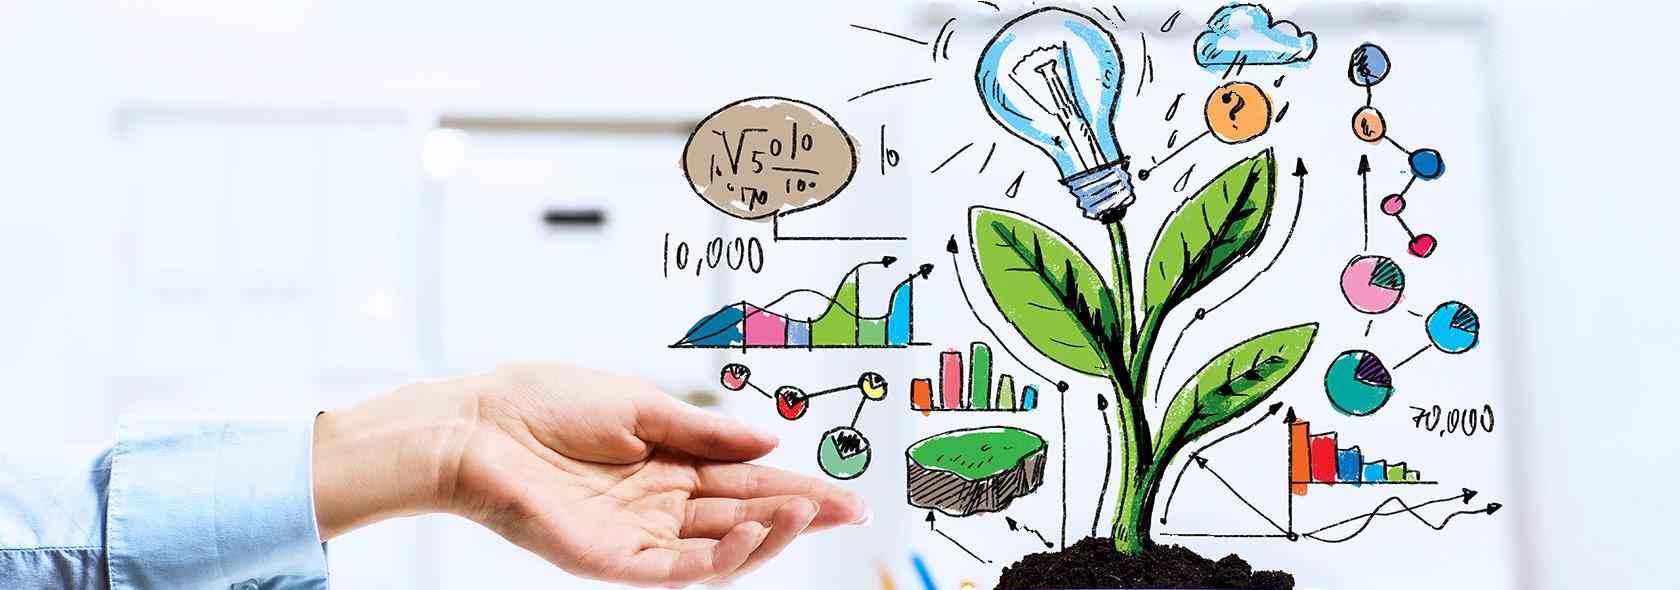 سرمایهگذاری Green Field در مقابل سرمایهگذاری Brown Field؟